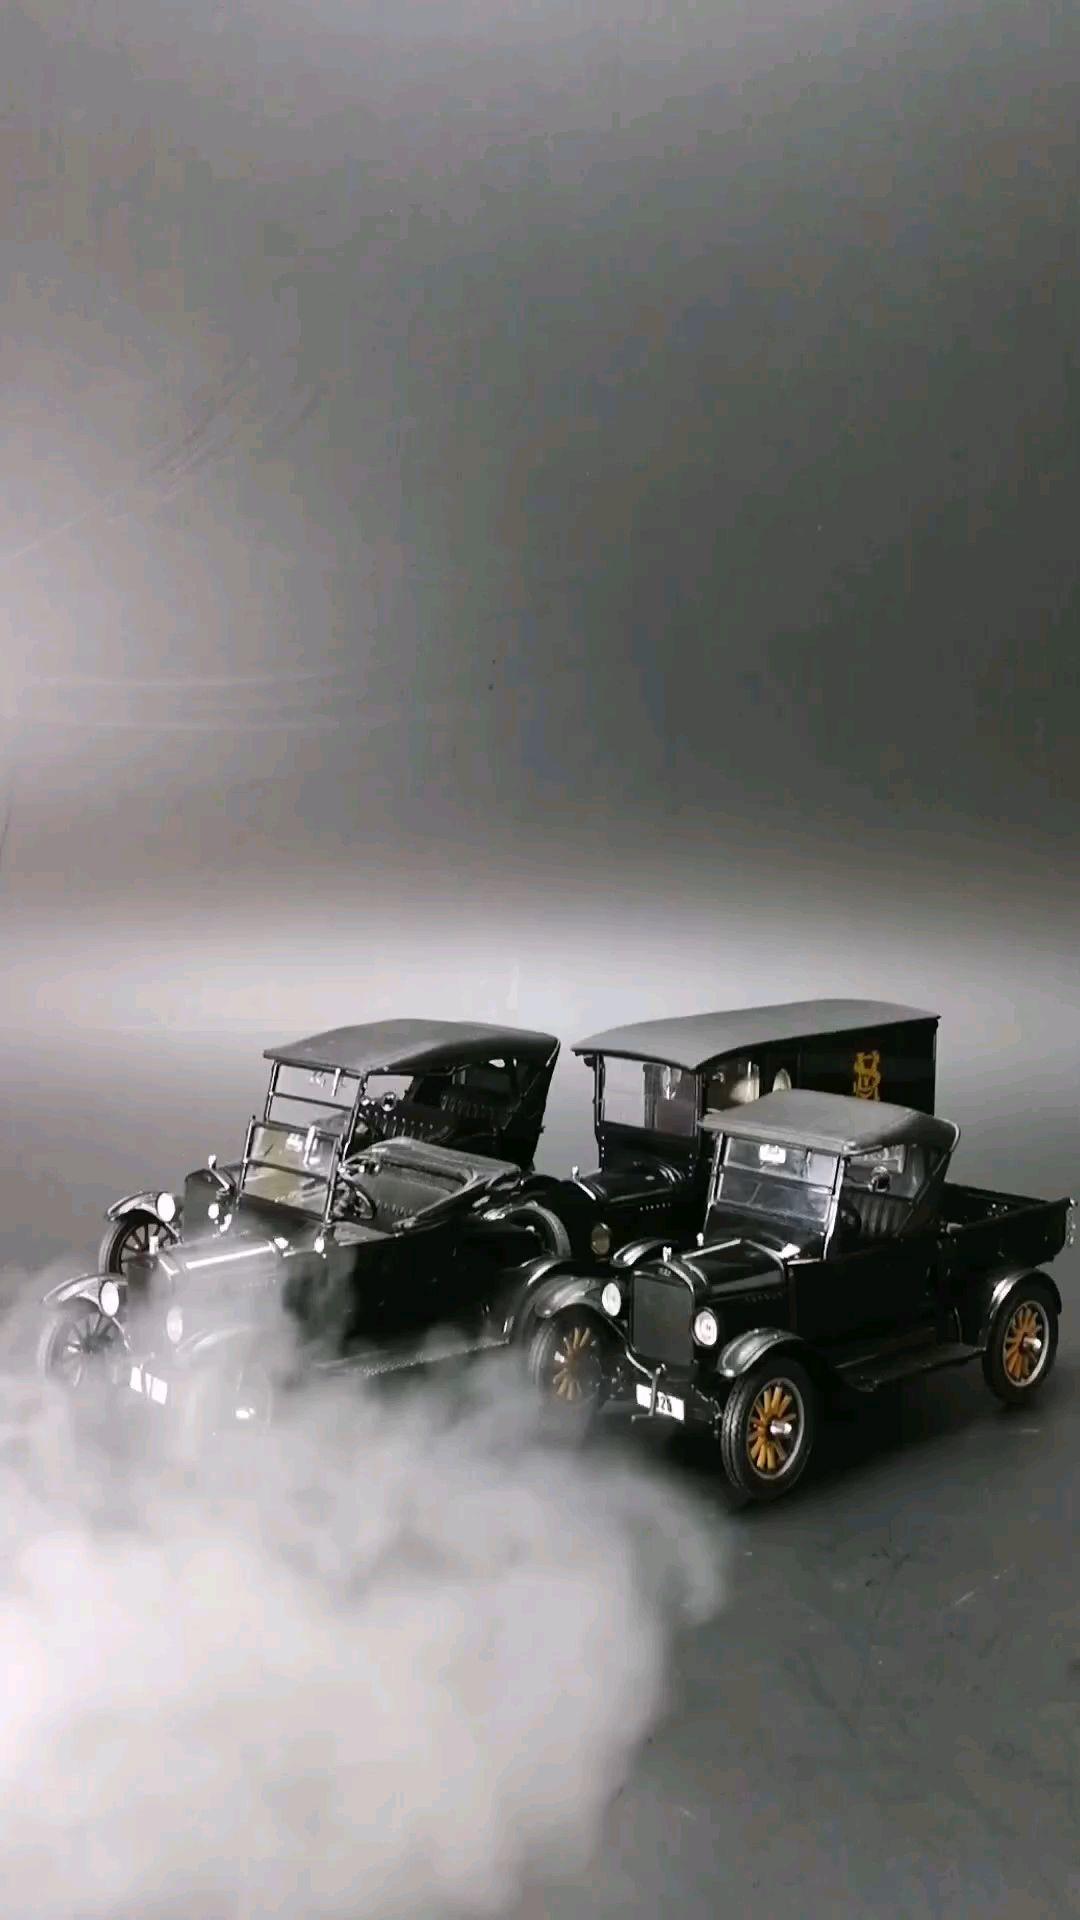 1925福特T型车系列,1:24比例,东晓汽车模型收藏馆藏品。